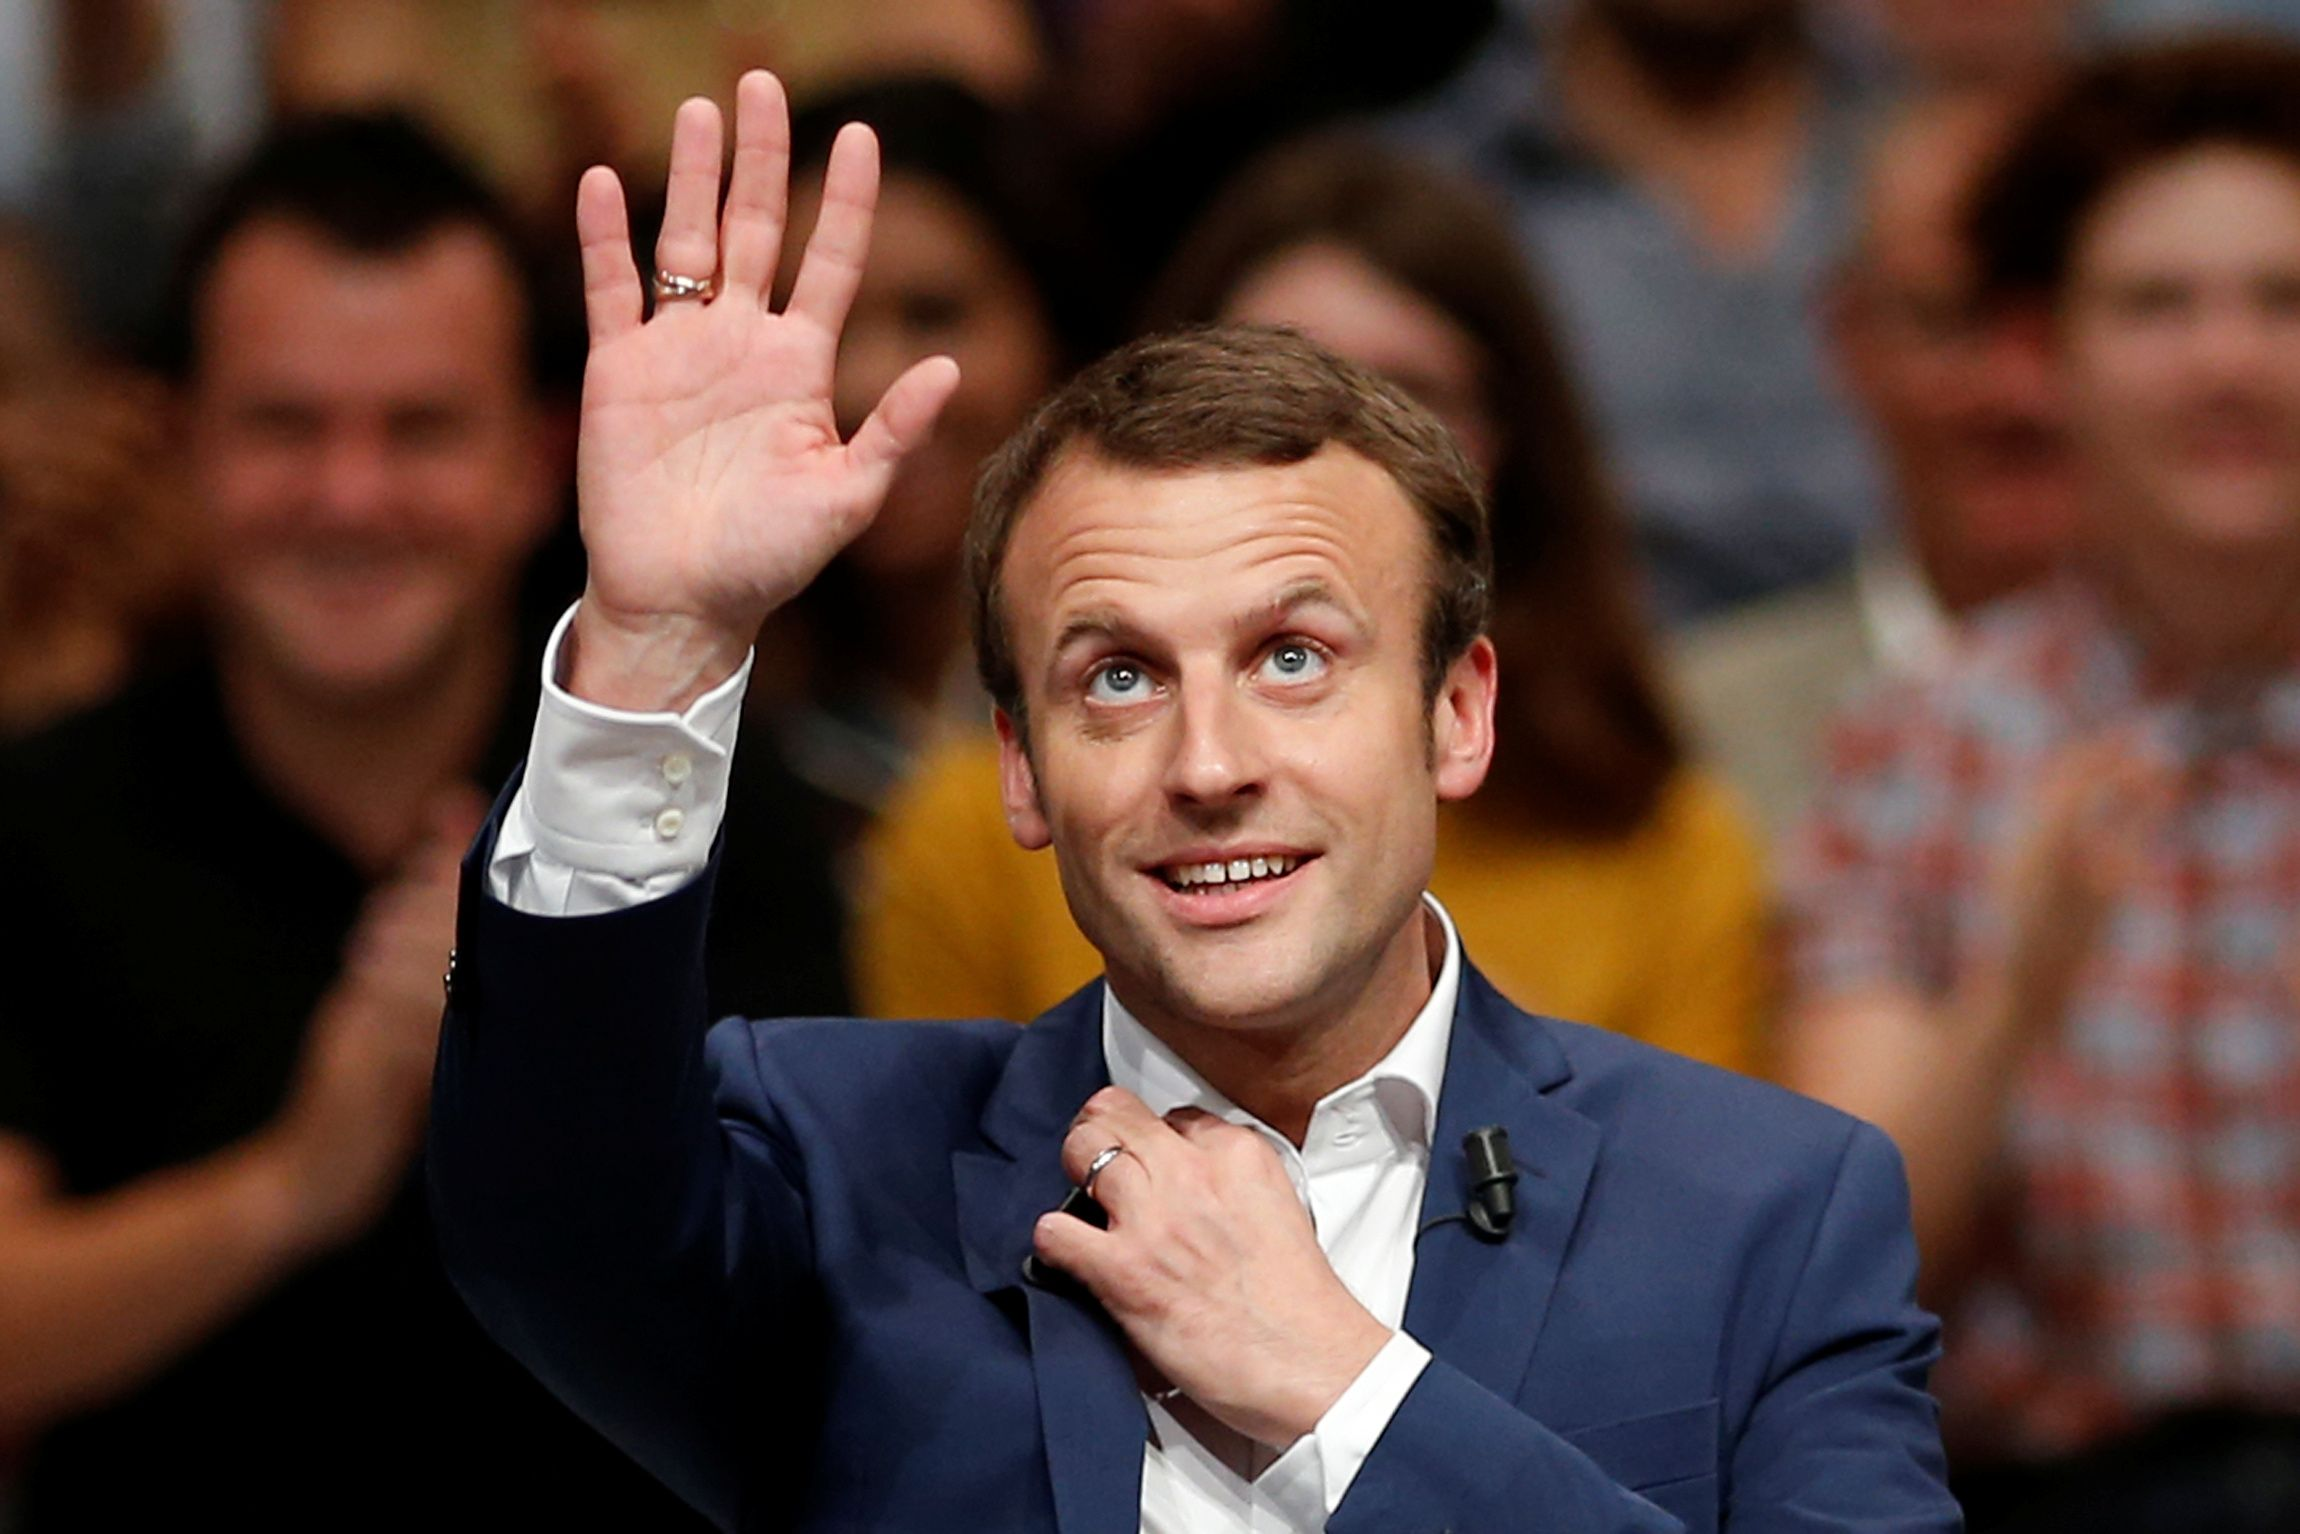 Démission d'Emmanuel Macron : 84% des Français approuvent la décision de l'ancien ministre